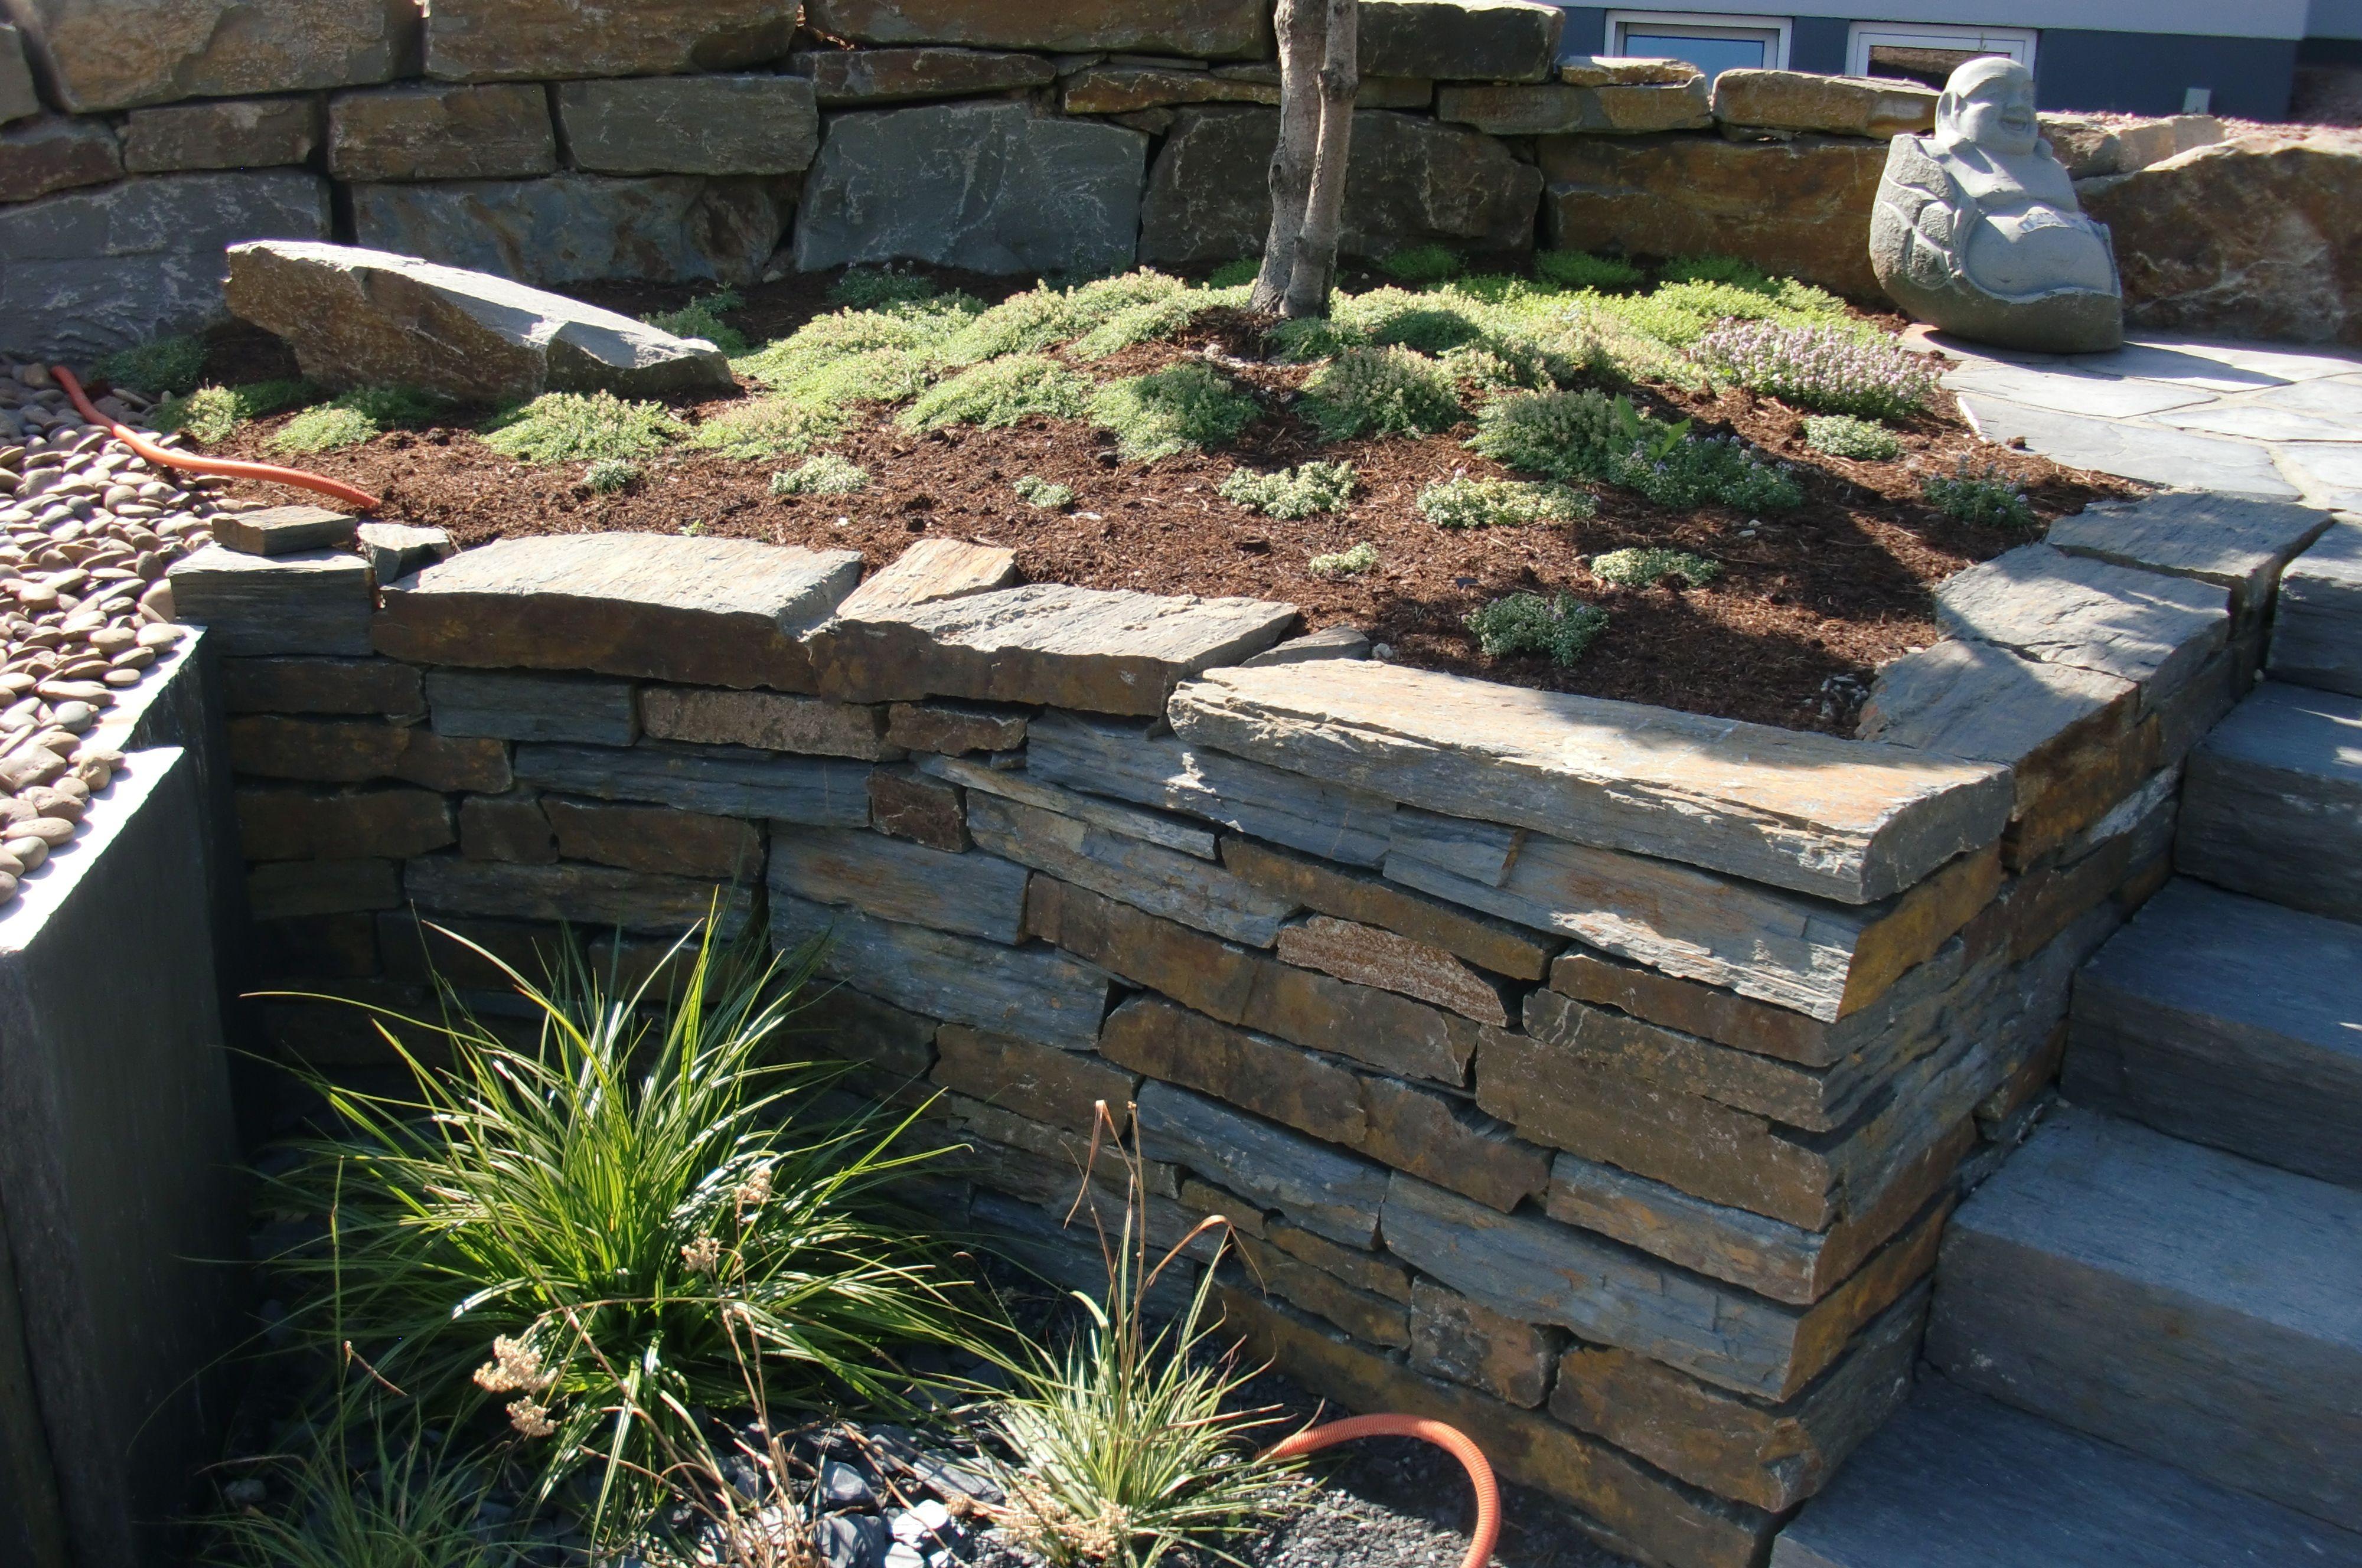 Garten ▫ Terrasse ▫ Außengestaltung ▫ Mauer ▫ Trockenmauer ...